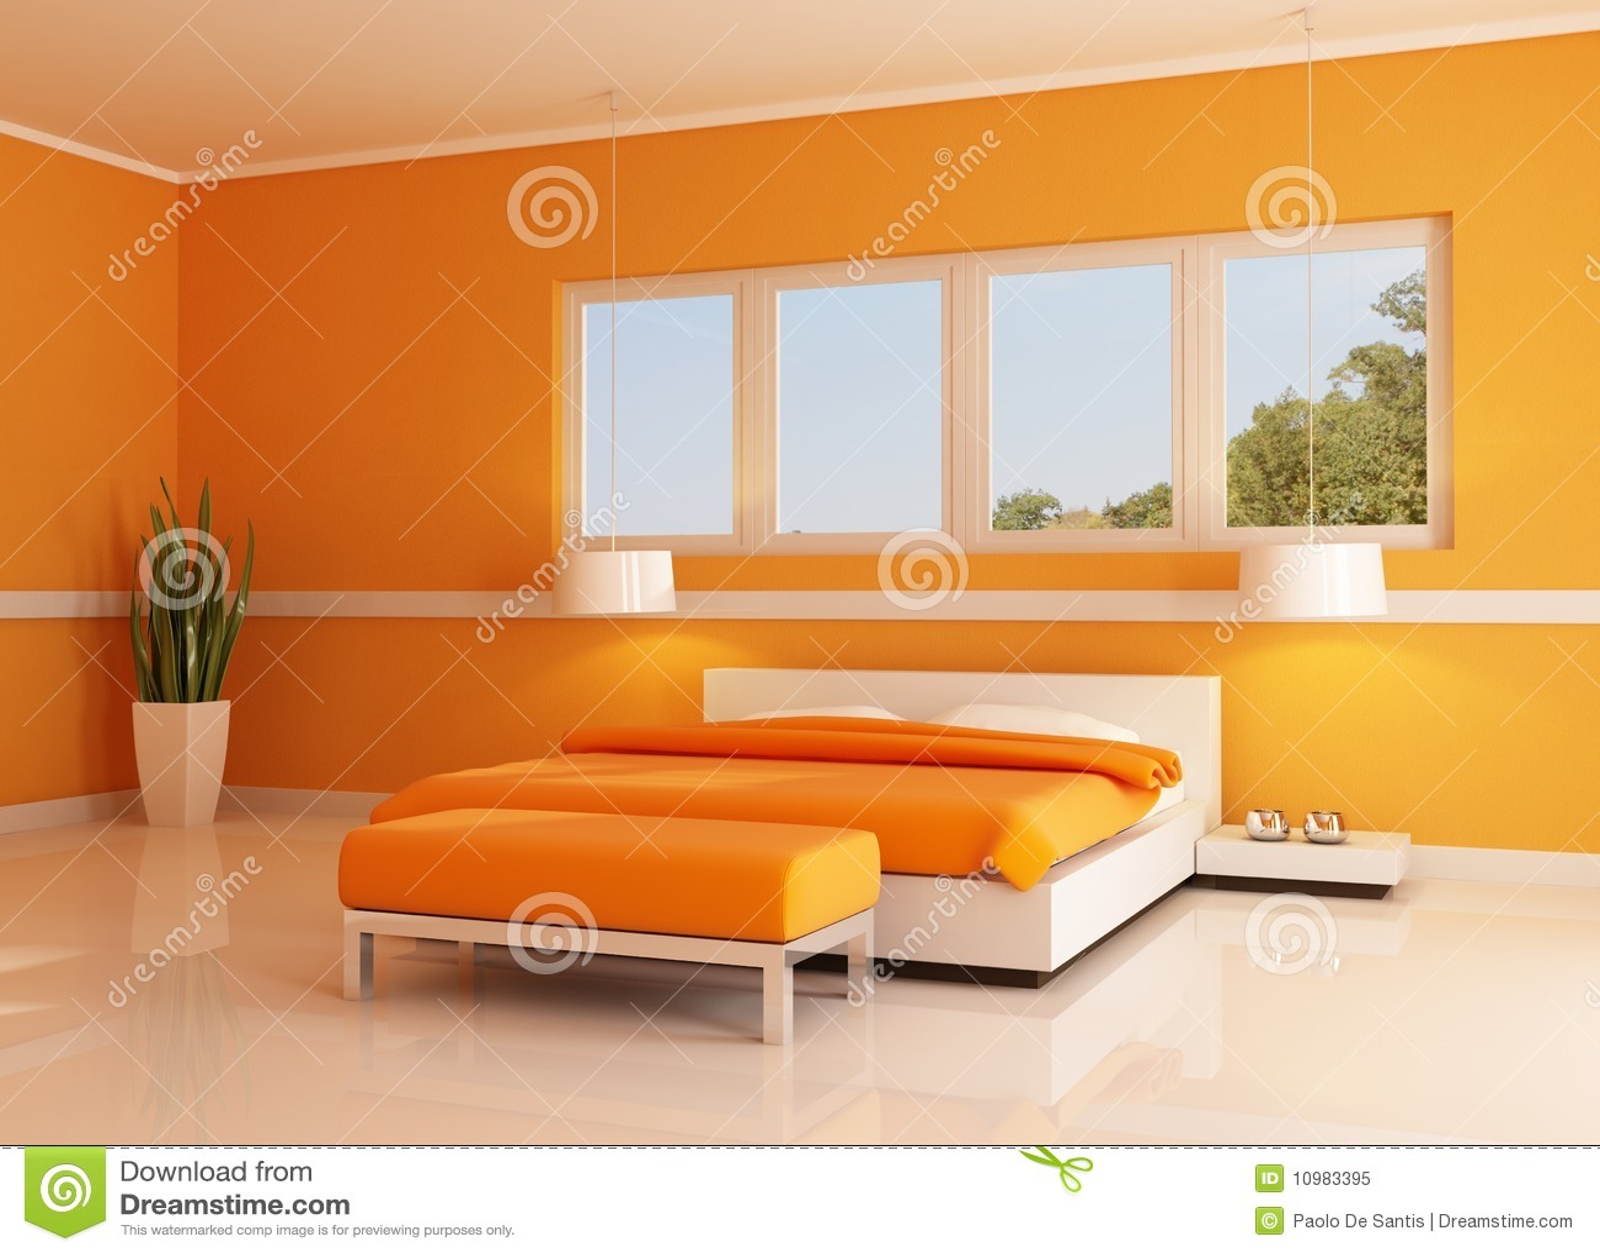 Credenza Moderna Arancione : Camera da letto arancione moderna illustrazione di stock